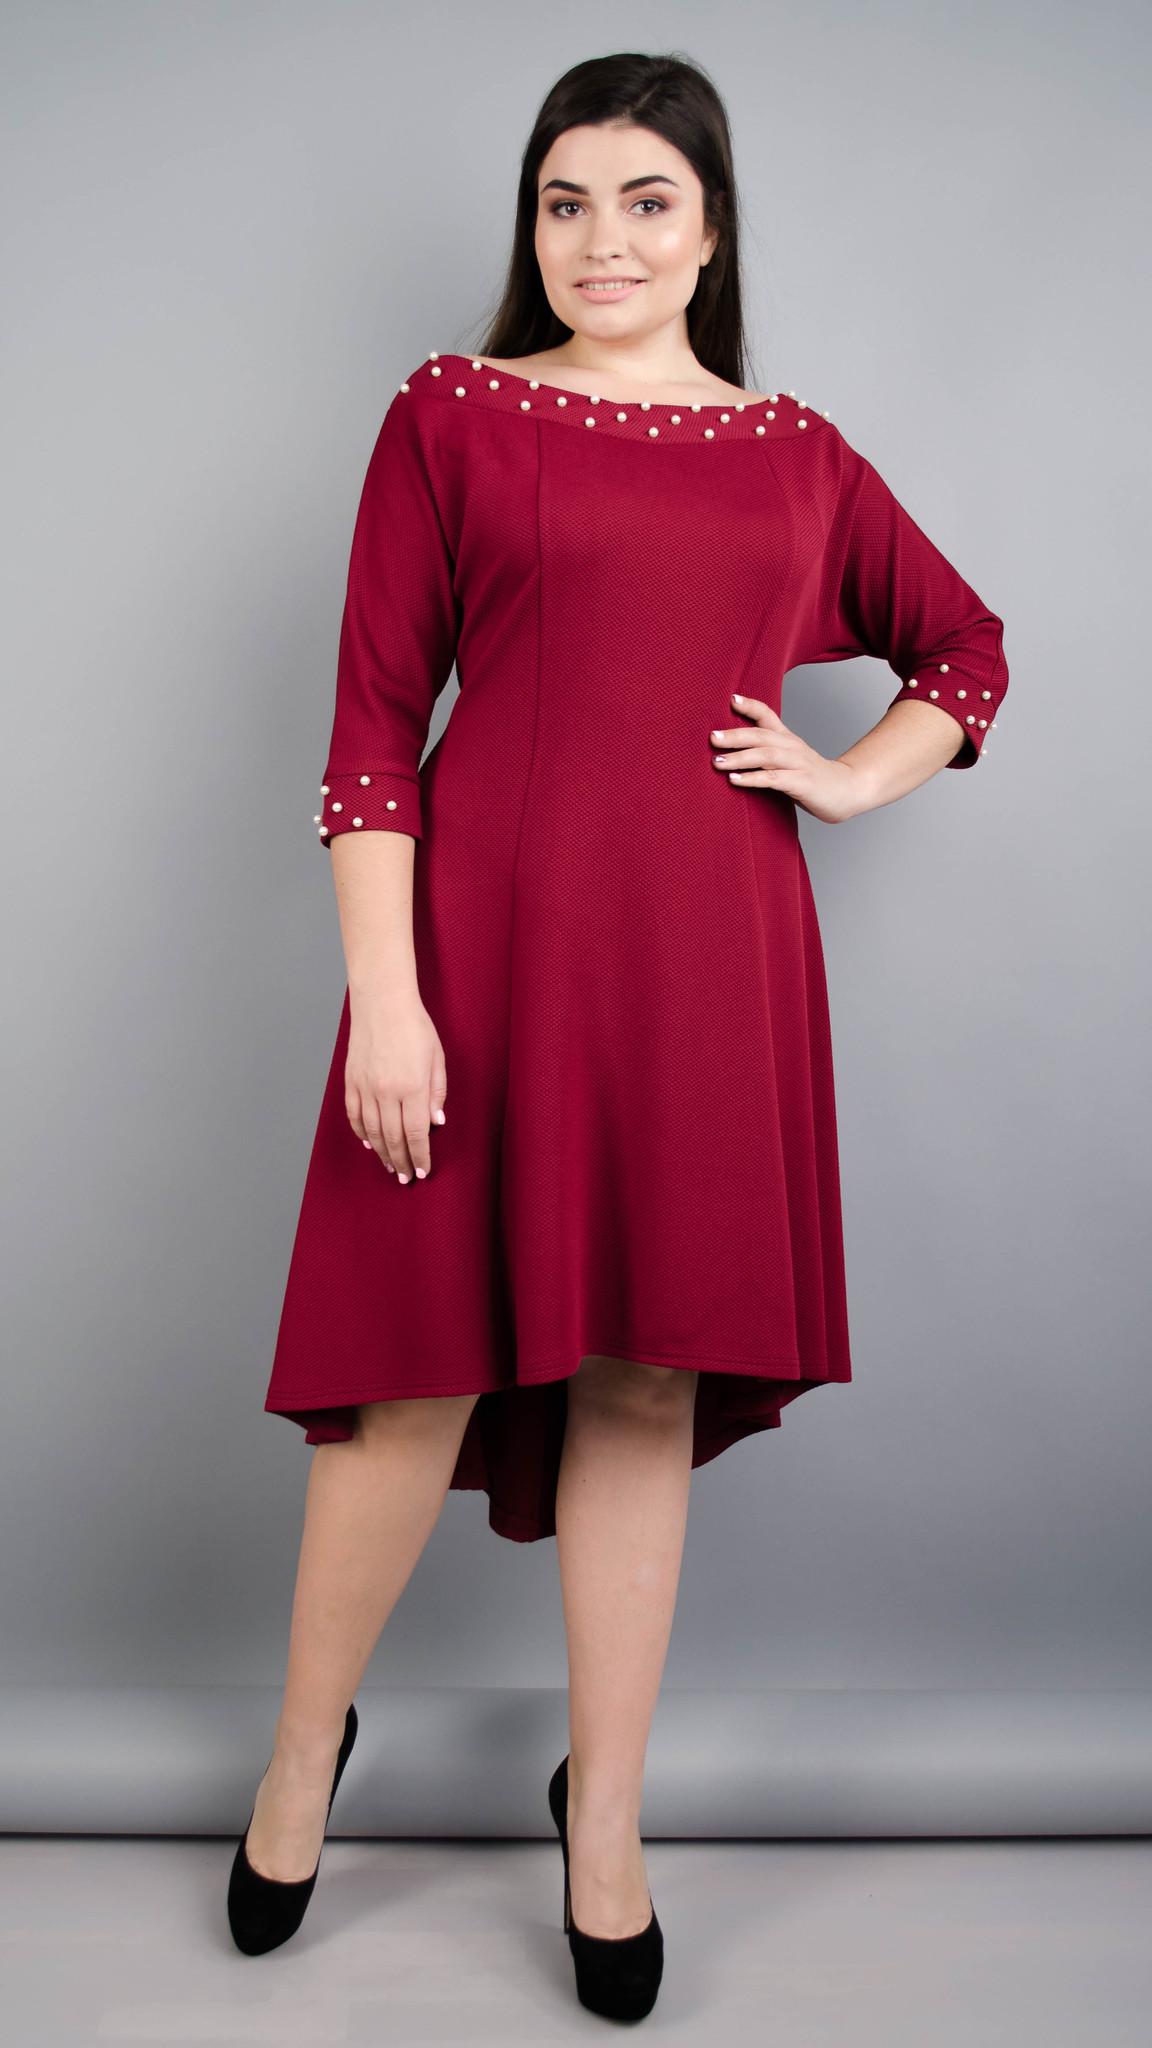 Лейла. Жіноча святкова сукня великих розмірів. Бордо.